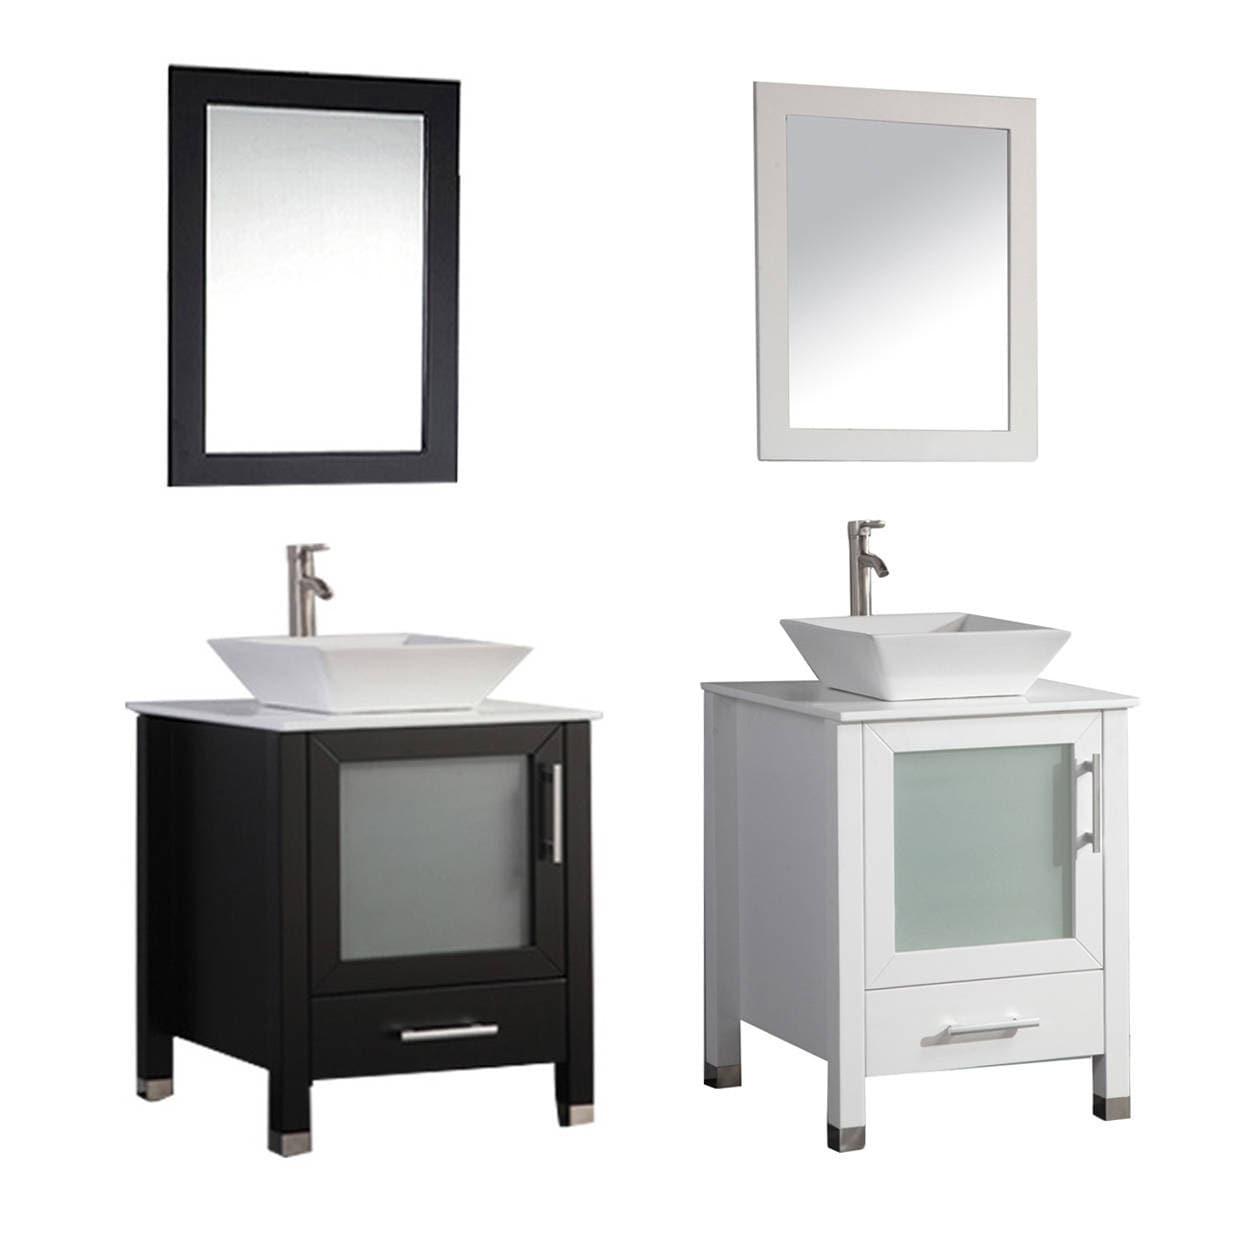 Buy Vessel Bathroom Vanities & Vanity Cabinets Online at Overstock ...